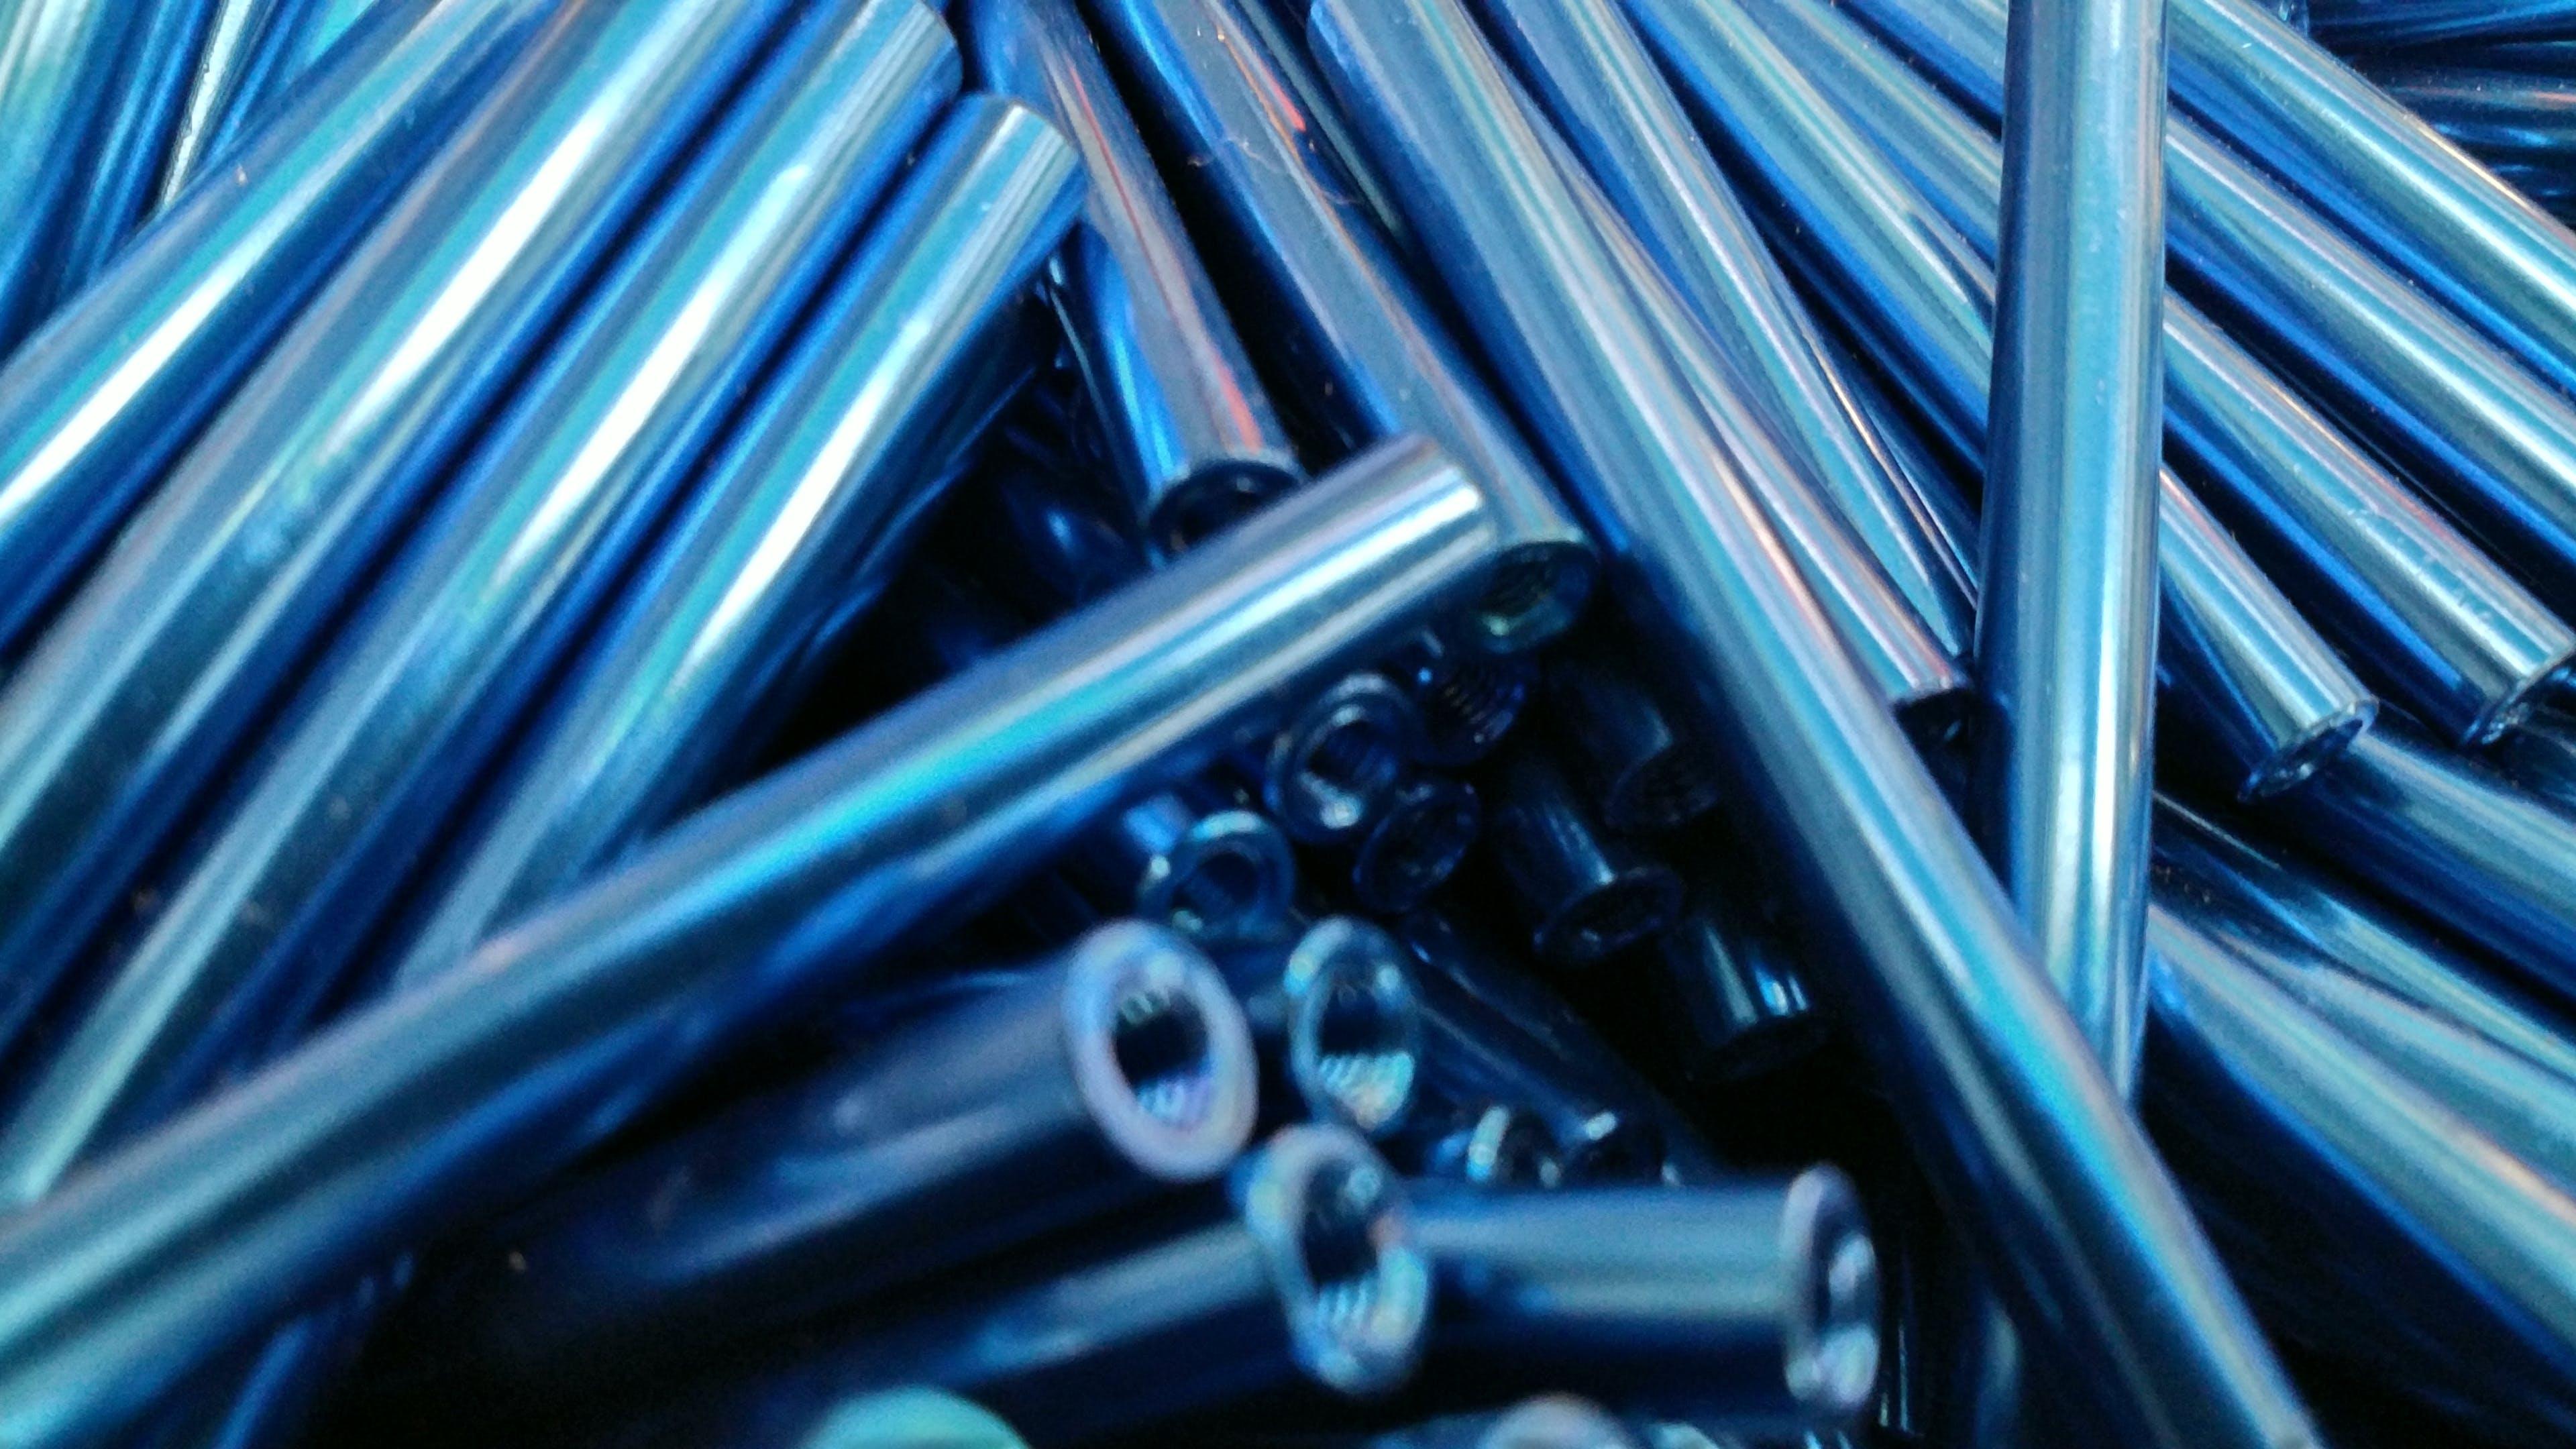 Základová fotografie zdarma na téma kov, kovodělný, kovová konstrukce, kovová práce